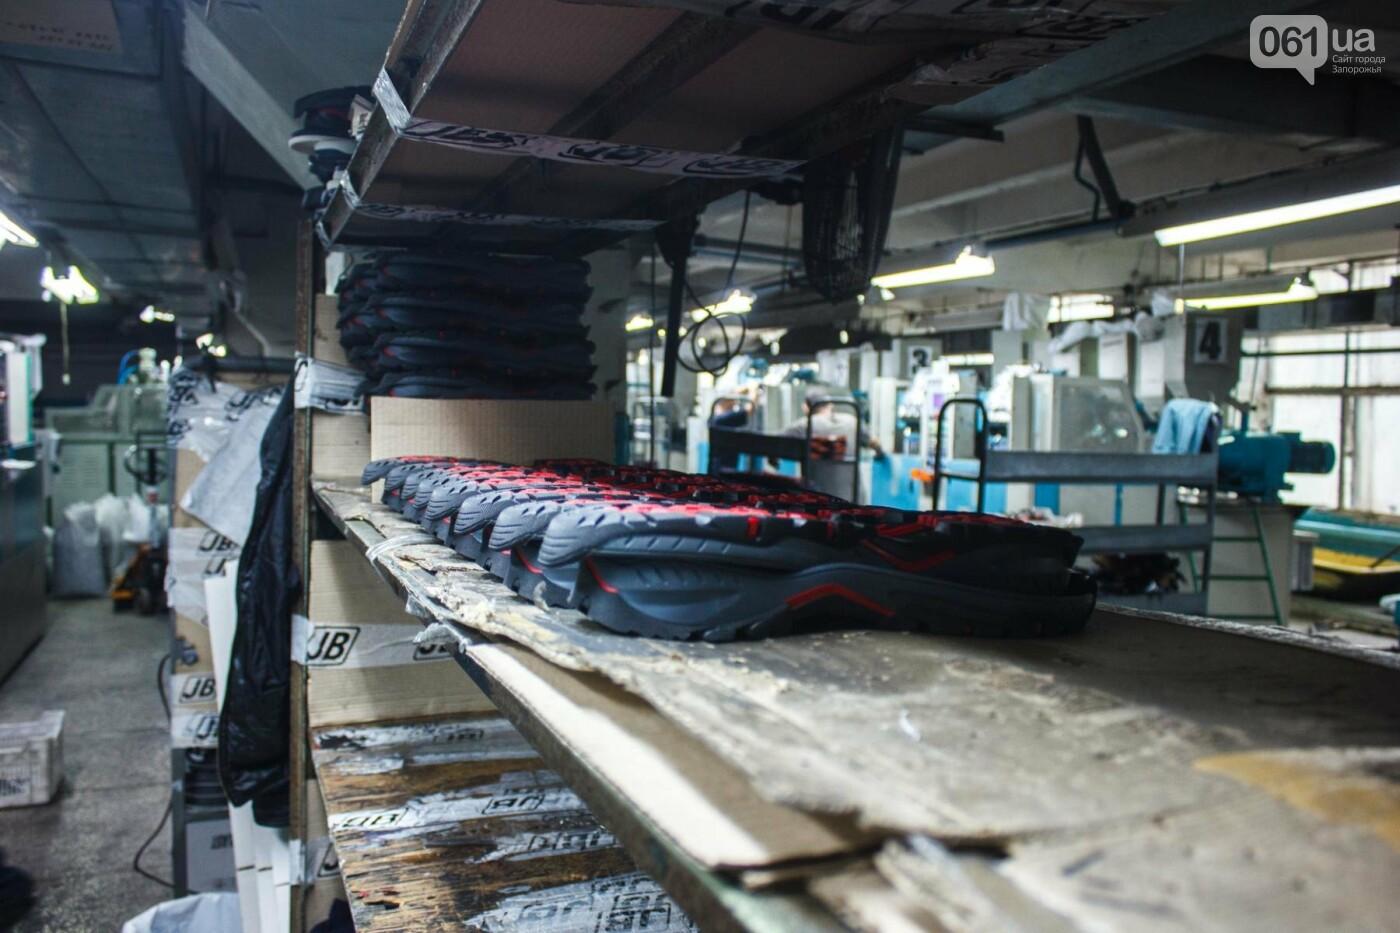 Как создается обувь: экскурсия на запорожскую обувную фабрику, – ФОТОРЕПОРТАЖ, фото-27